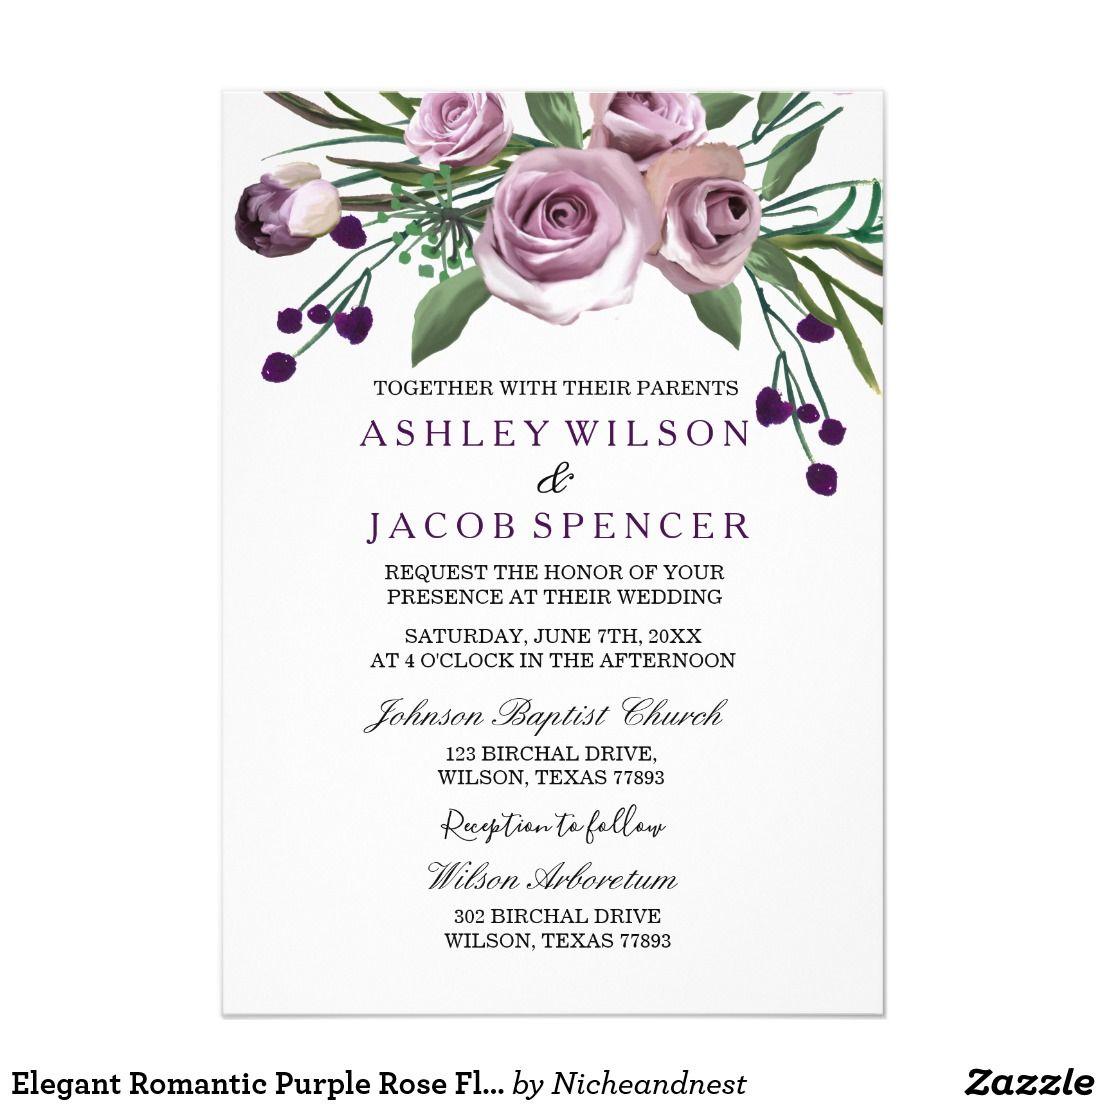 Elegant Romantic Purple Rose Floral Wedding Invite | Zazzle.com | Purple  wedding invitations, Floral wedding invitations, Floral invitation